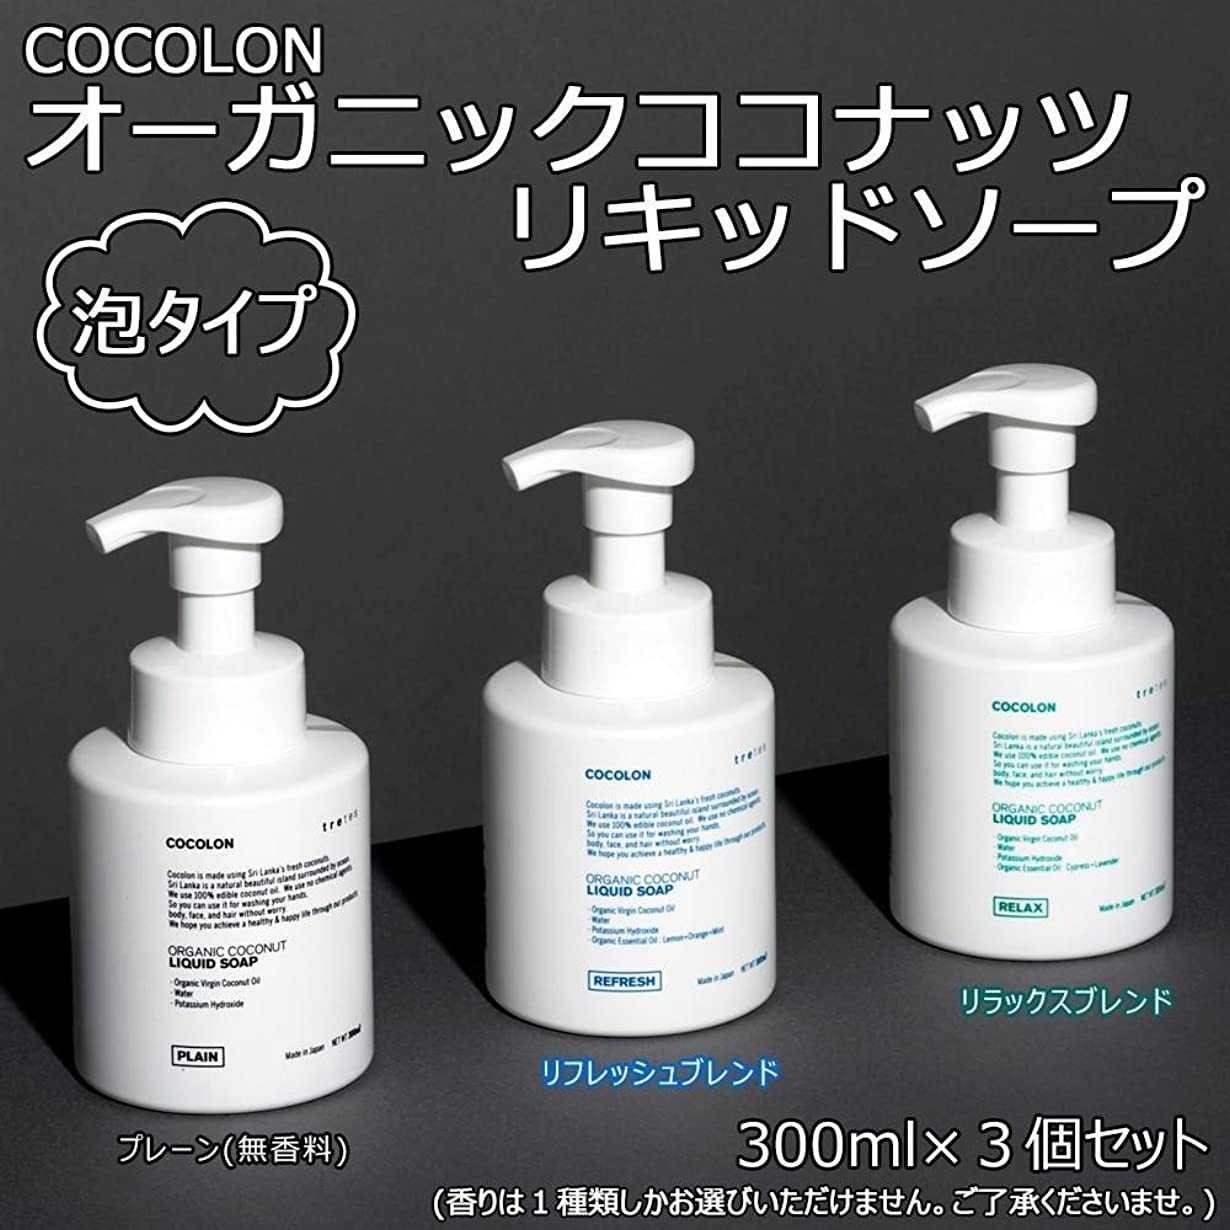 修正するフェロー諸島準備するCOCOLON ココロン オーガニックココナッツリキッドソープ 泡タイプ 300ml 3個セット【同梱?代引不可】 ■3種類の内「リラックスブレンド」のみです